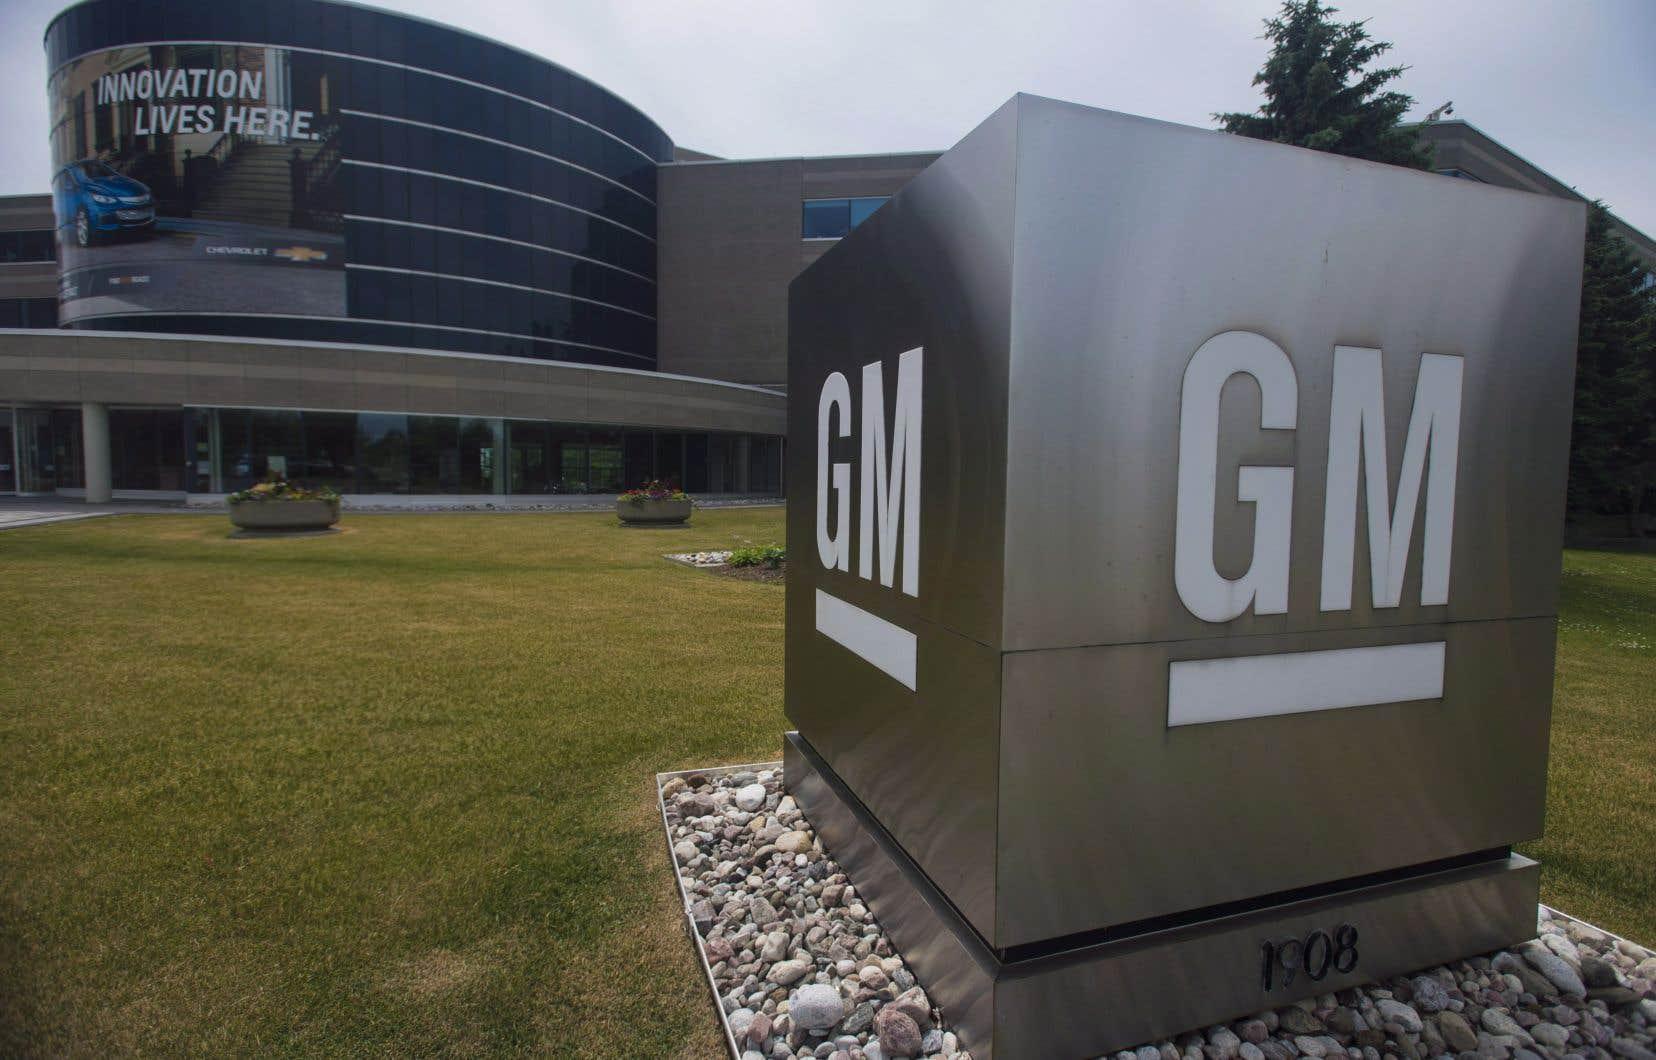 Une porte-parole de GM a dit que l'entreprise n'avait aucune nouvelle à communiquer dimanche soir et ne formulera aucun commentaire basé sur des spéculations.